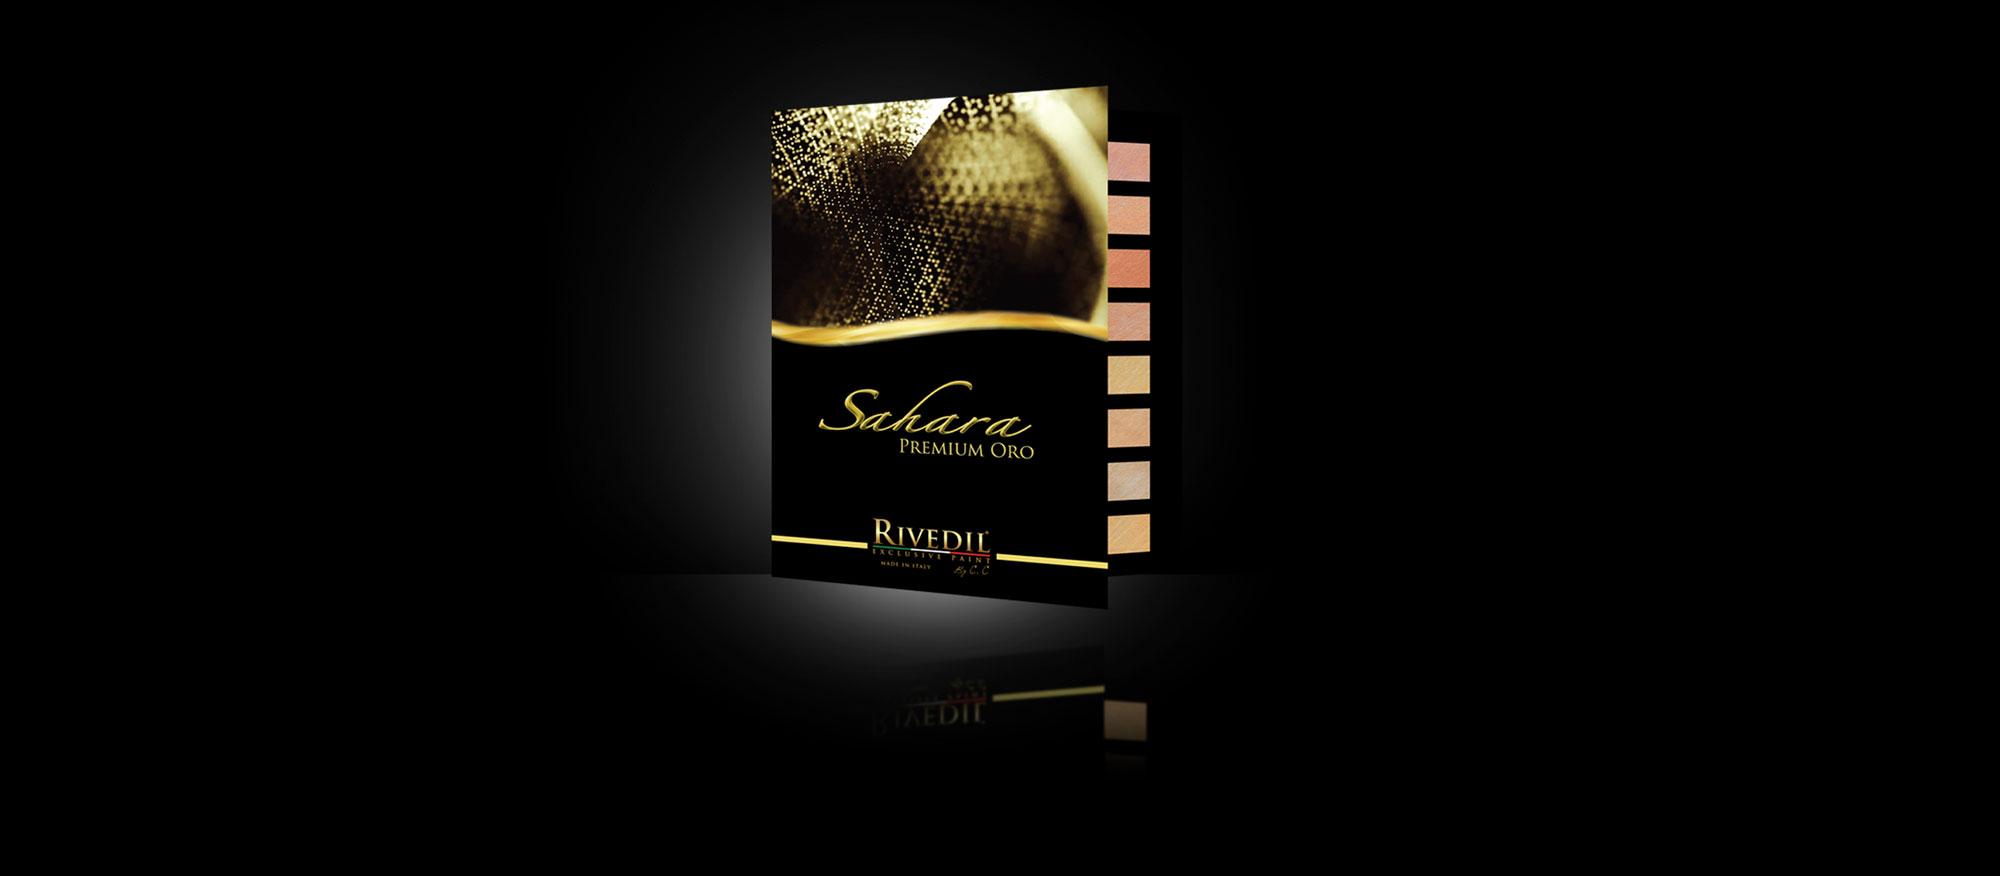 Cartella Sahara Premium Oro